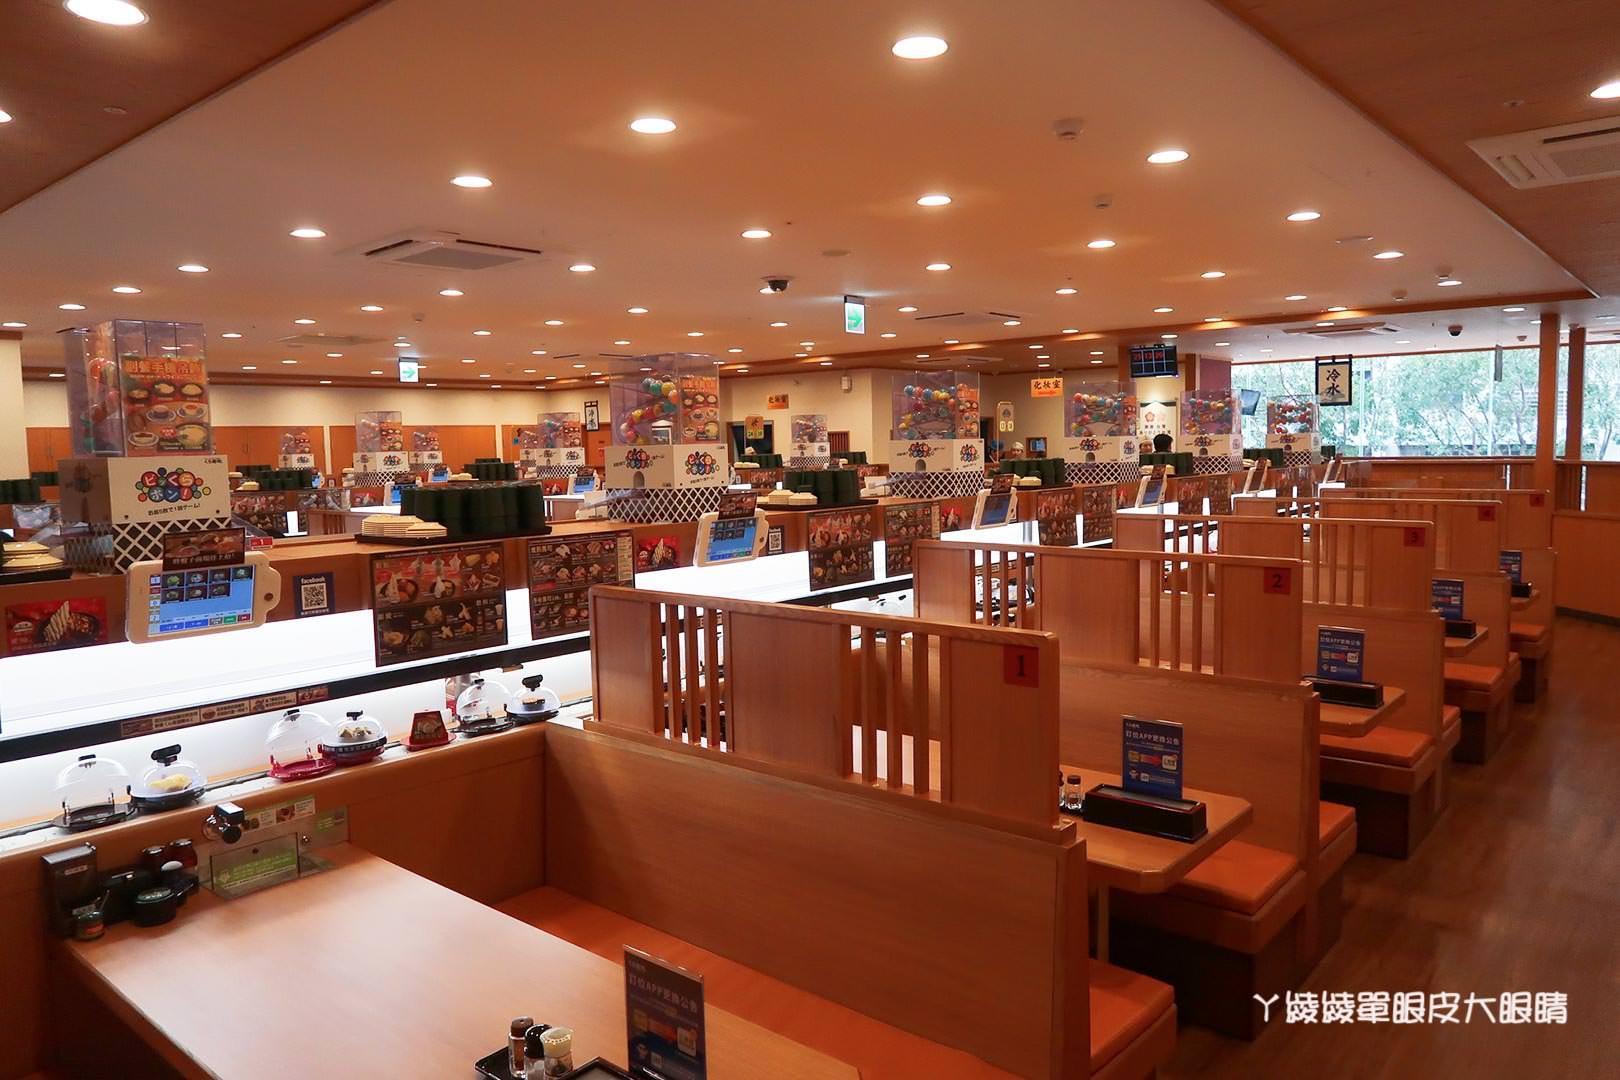 藏壽司新竹經國店試營運!新竹一號店即將開幕,扭蛋迷衝啊!內附菜單|營業時間|地址|訂位方式